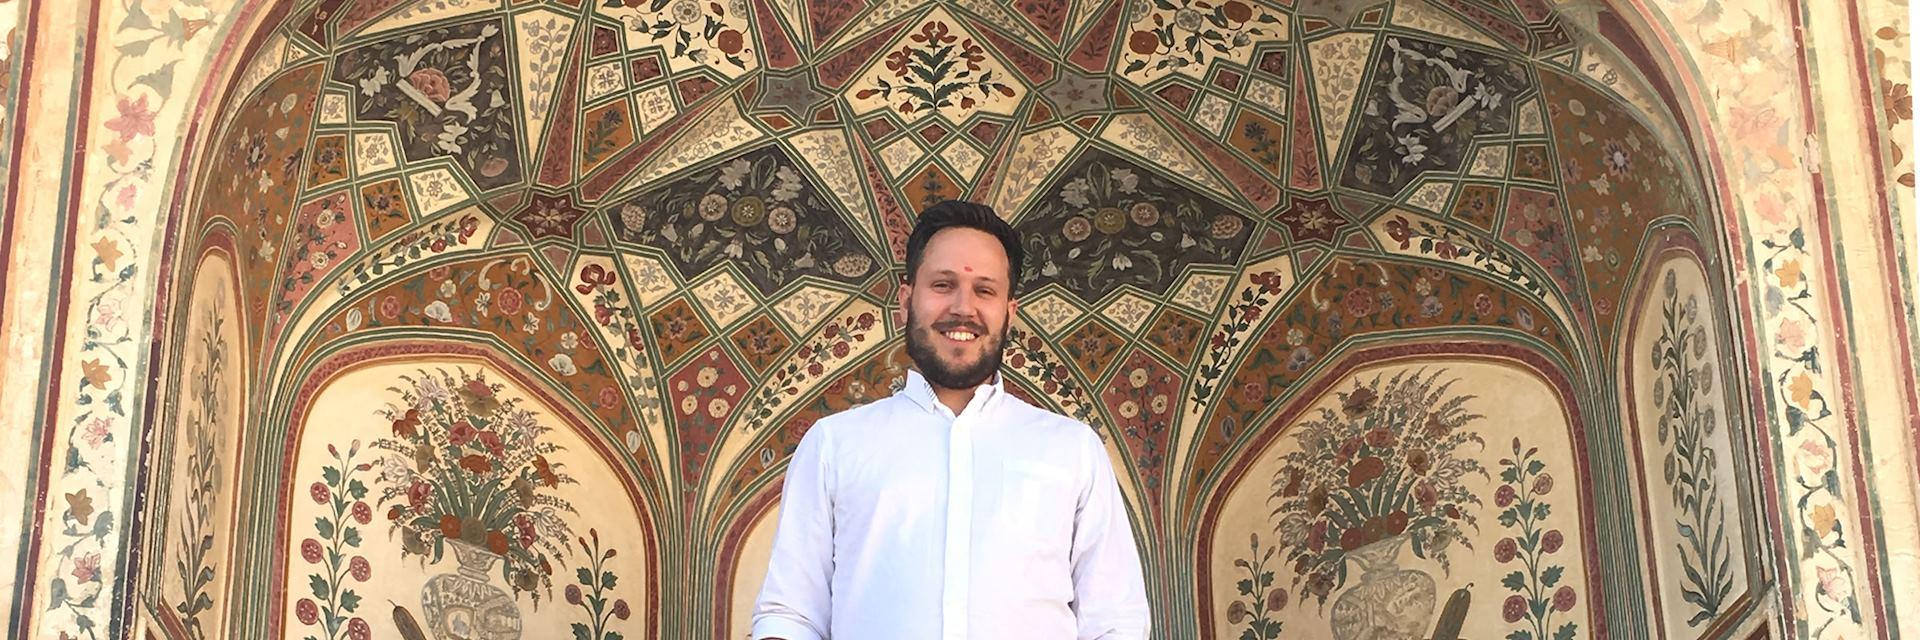 John at the City Palace, Jaipur